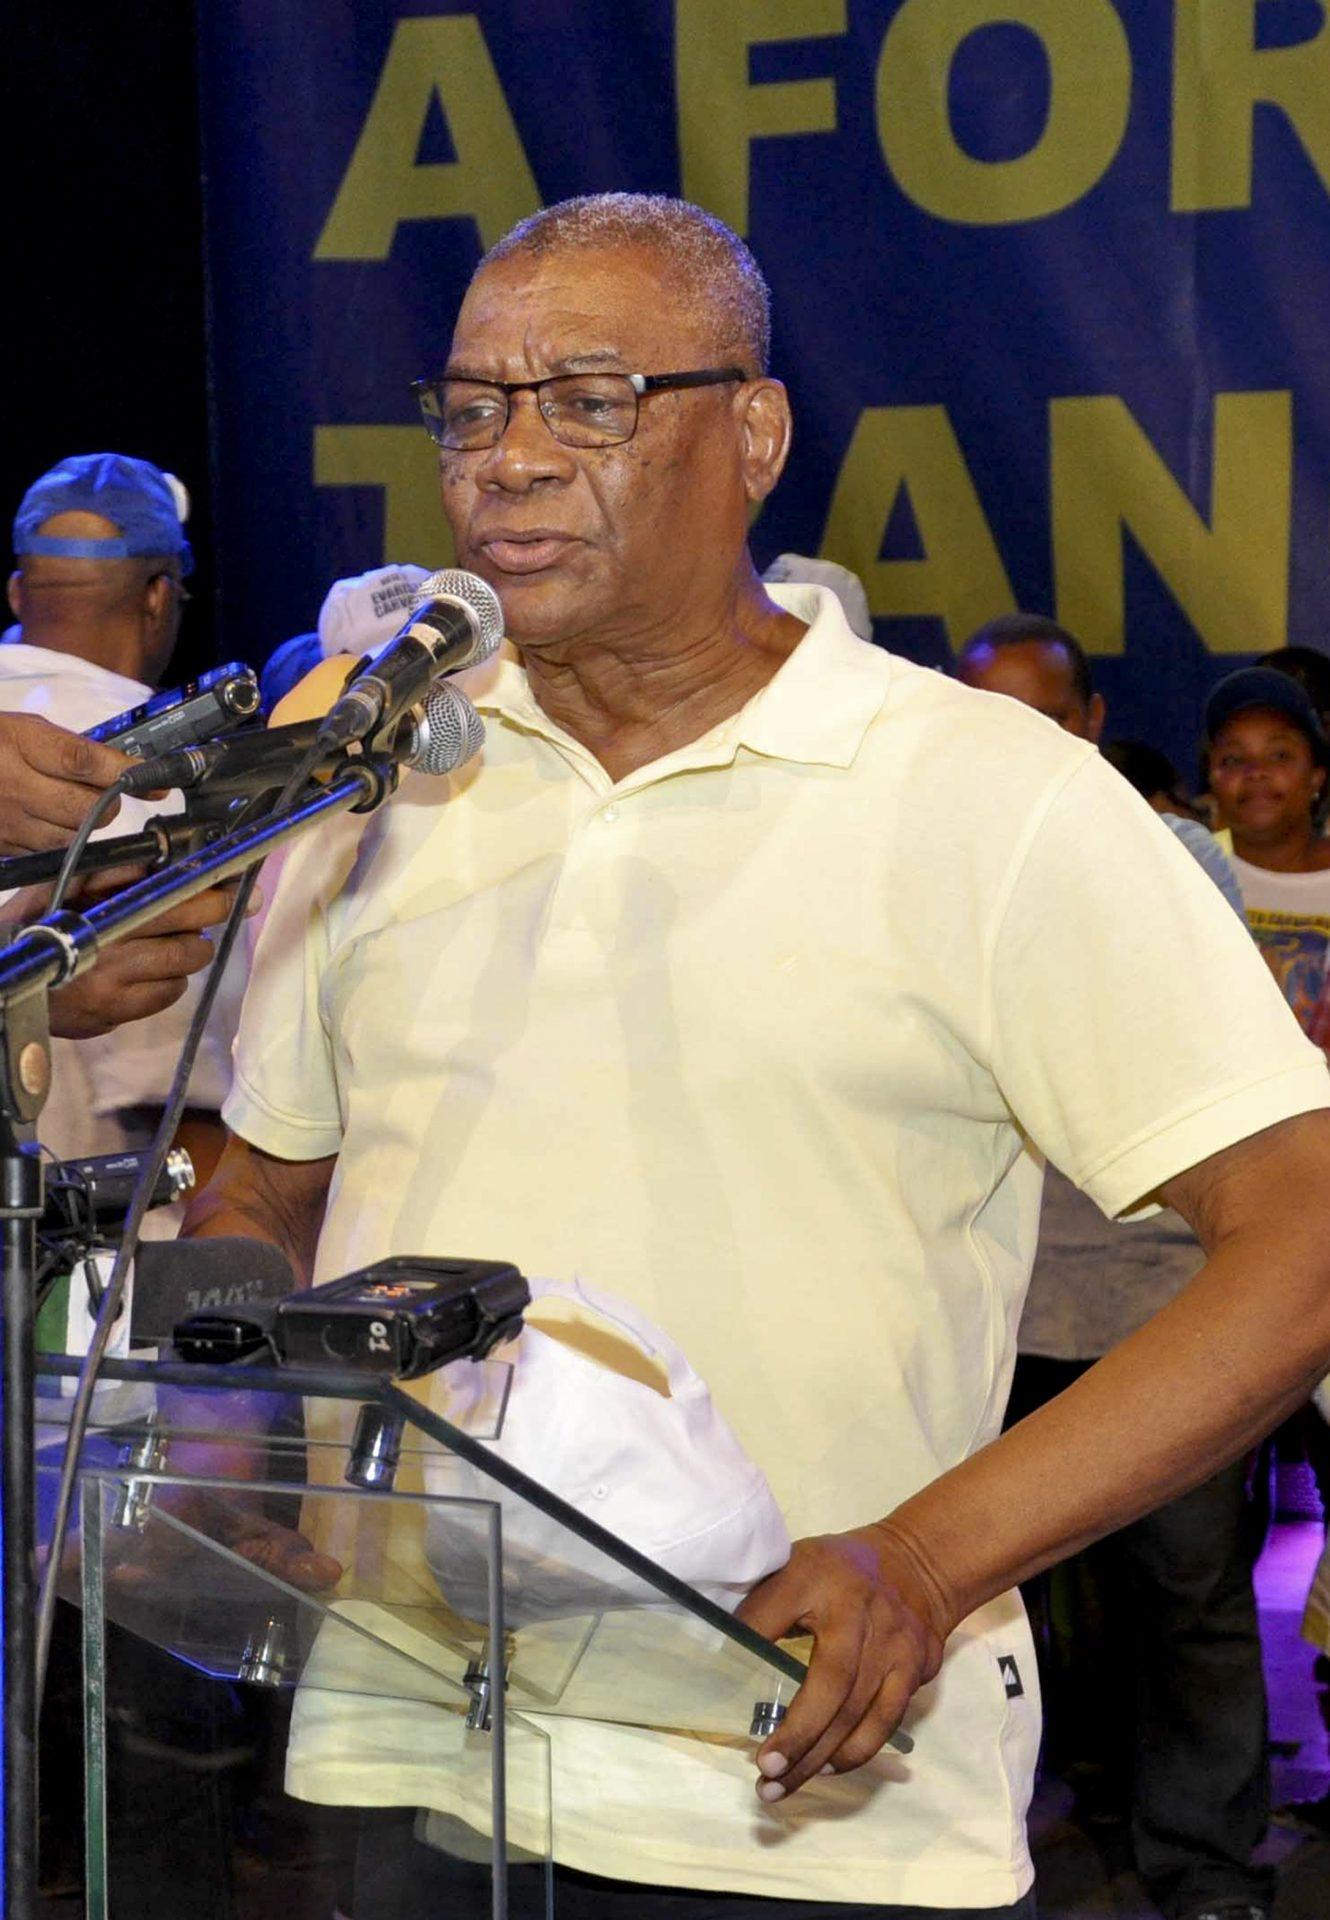 Foto datada de 15 de julho de 2016 do candidato presidencial Evaristo Carvalho durante um comício de campanha para as eleições presidenciais de São tomé e Príncipe, em São Tomé, 18 de julho de 2016. Evaristo Carvalho venceu as eleições, à primeira volta, por apenas 188 votos. LOURENÇO DA SILVA/LUSA